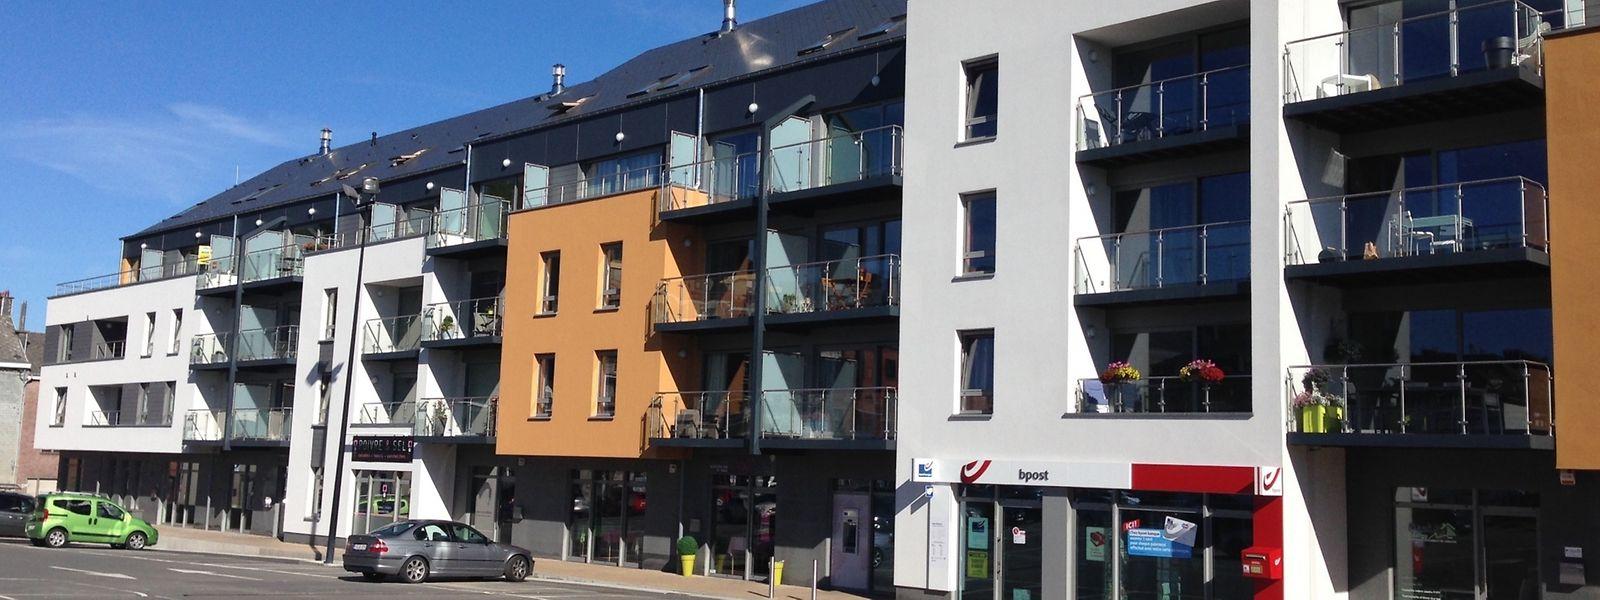 Même si les appartements - comme ici à Bastogne - ne représentent que 10,6% du marché immobilier en province de Luxembourg, ils connaissent aussi une hausse des coûts